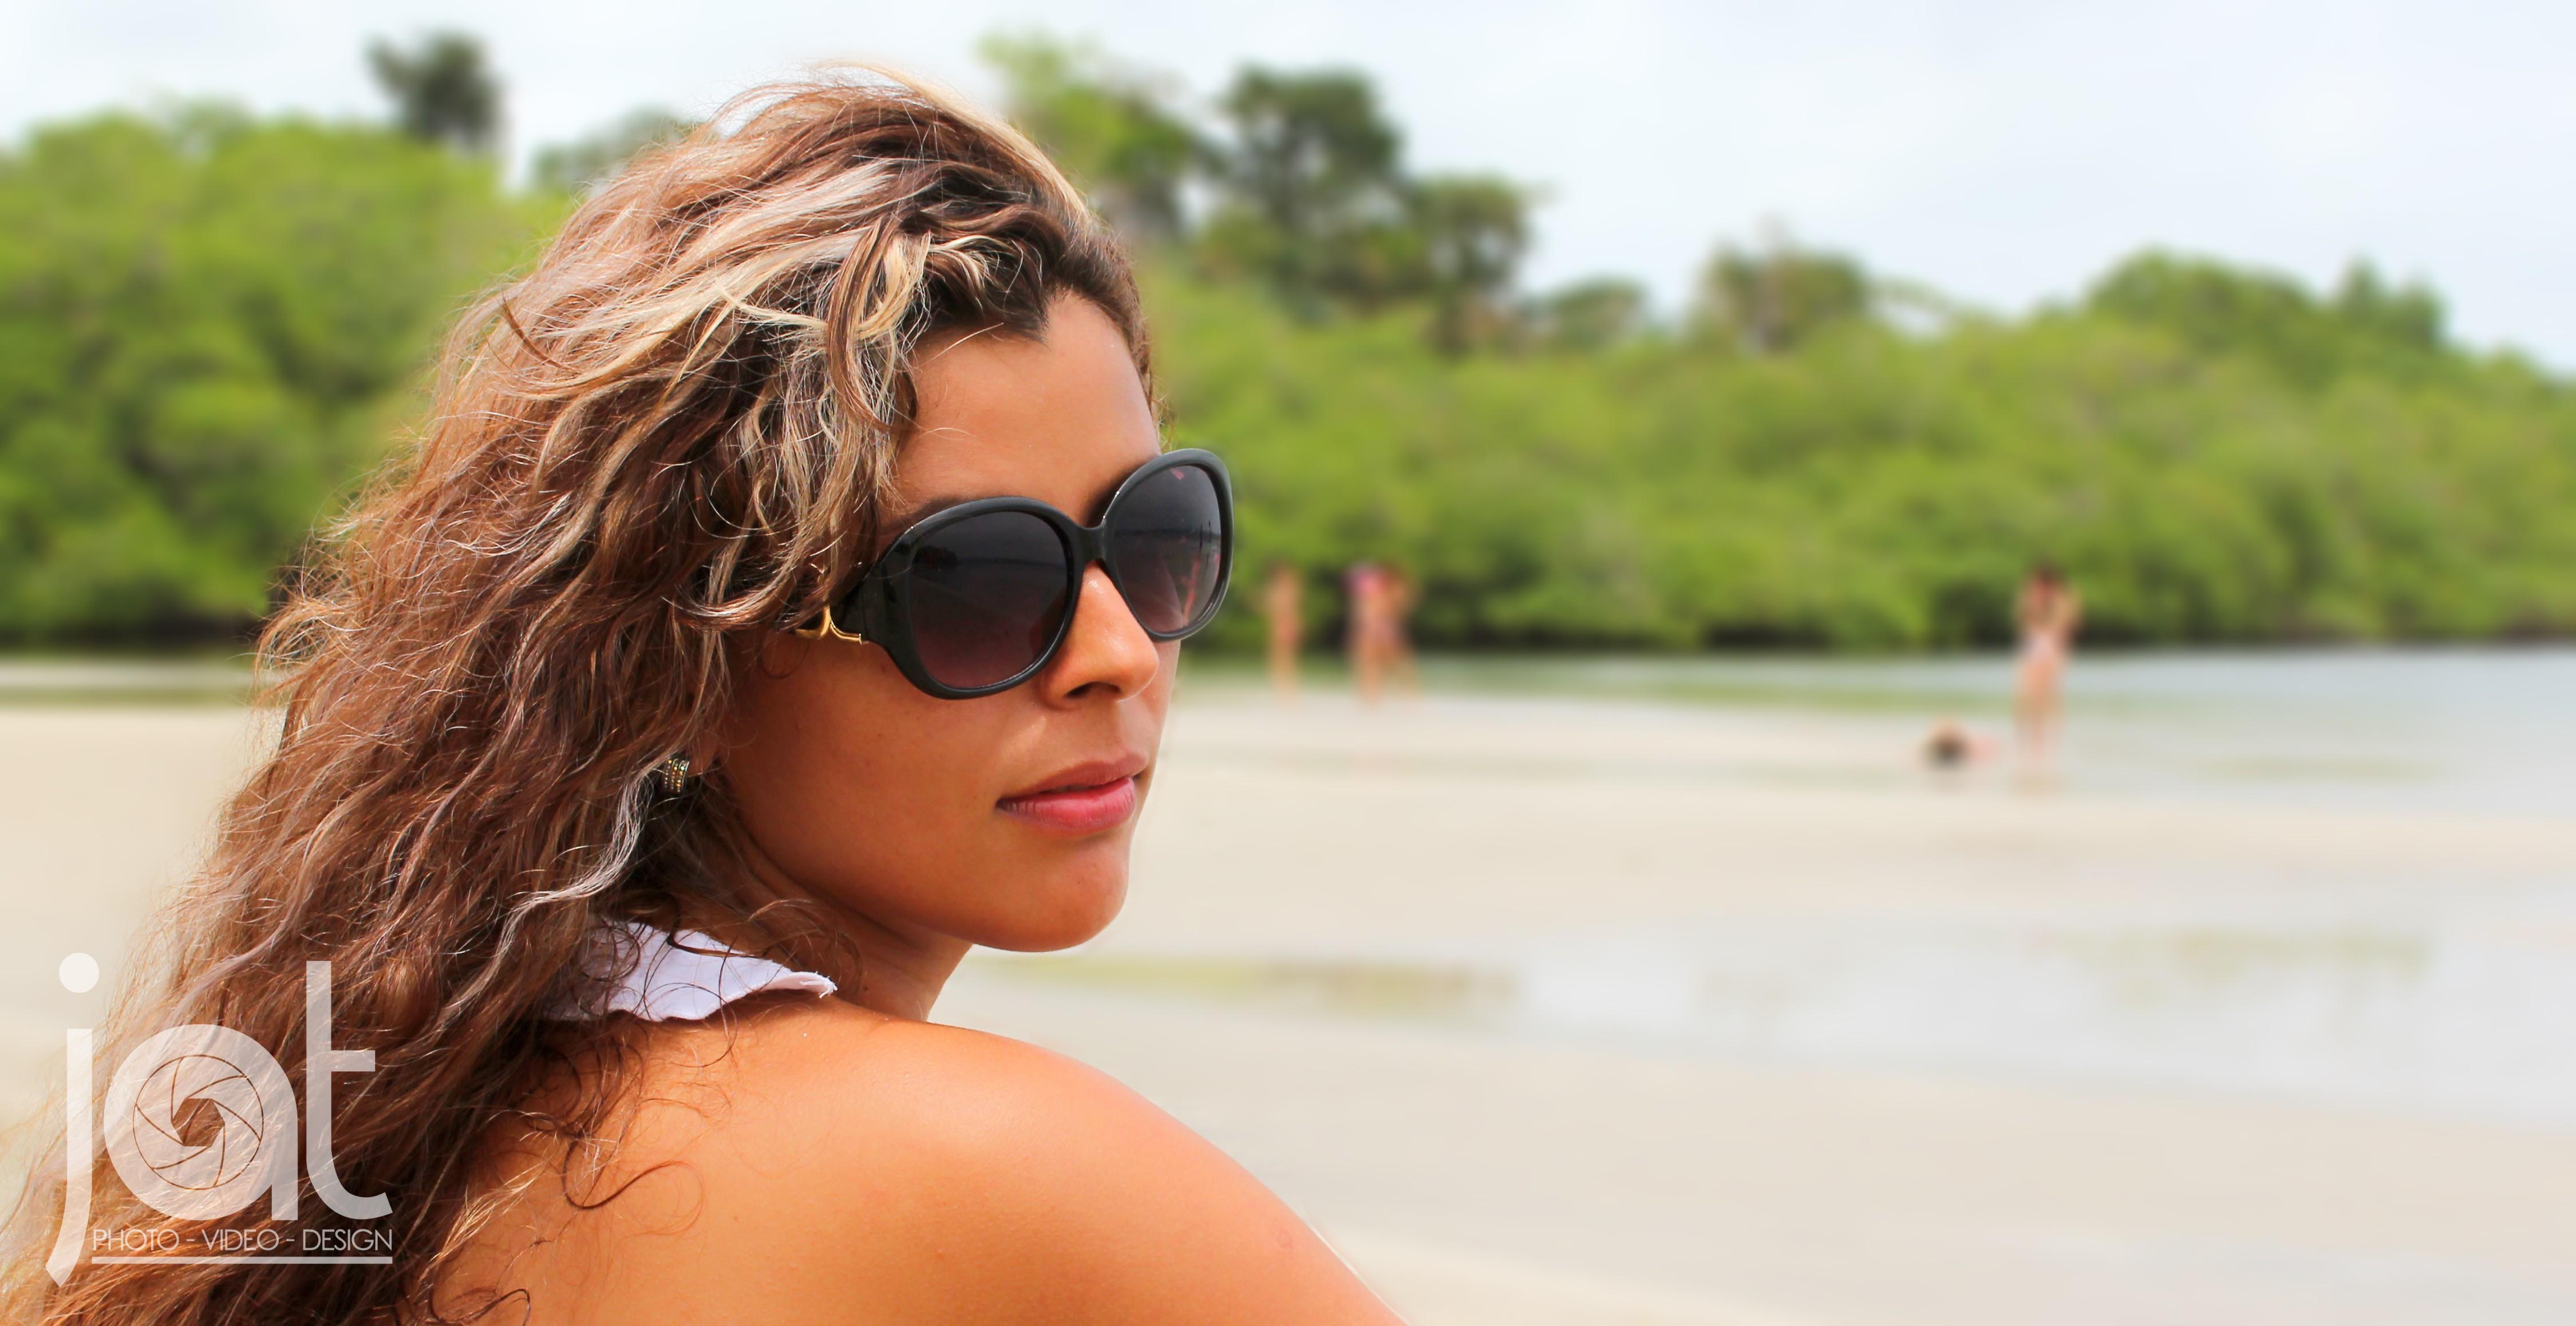 1410fbfa83 Fondos de pantalla : cara, mujer, modelo, Gafas de sol, gafas, playa,  cabello, trajes de baño, Panamá, ropa, Pueblo de Bocas, Bocas del Toro,  vacaciones, ...